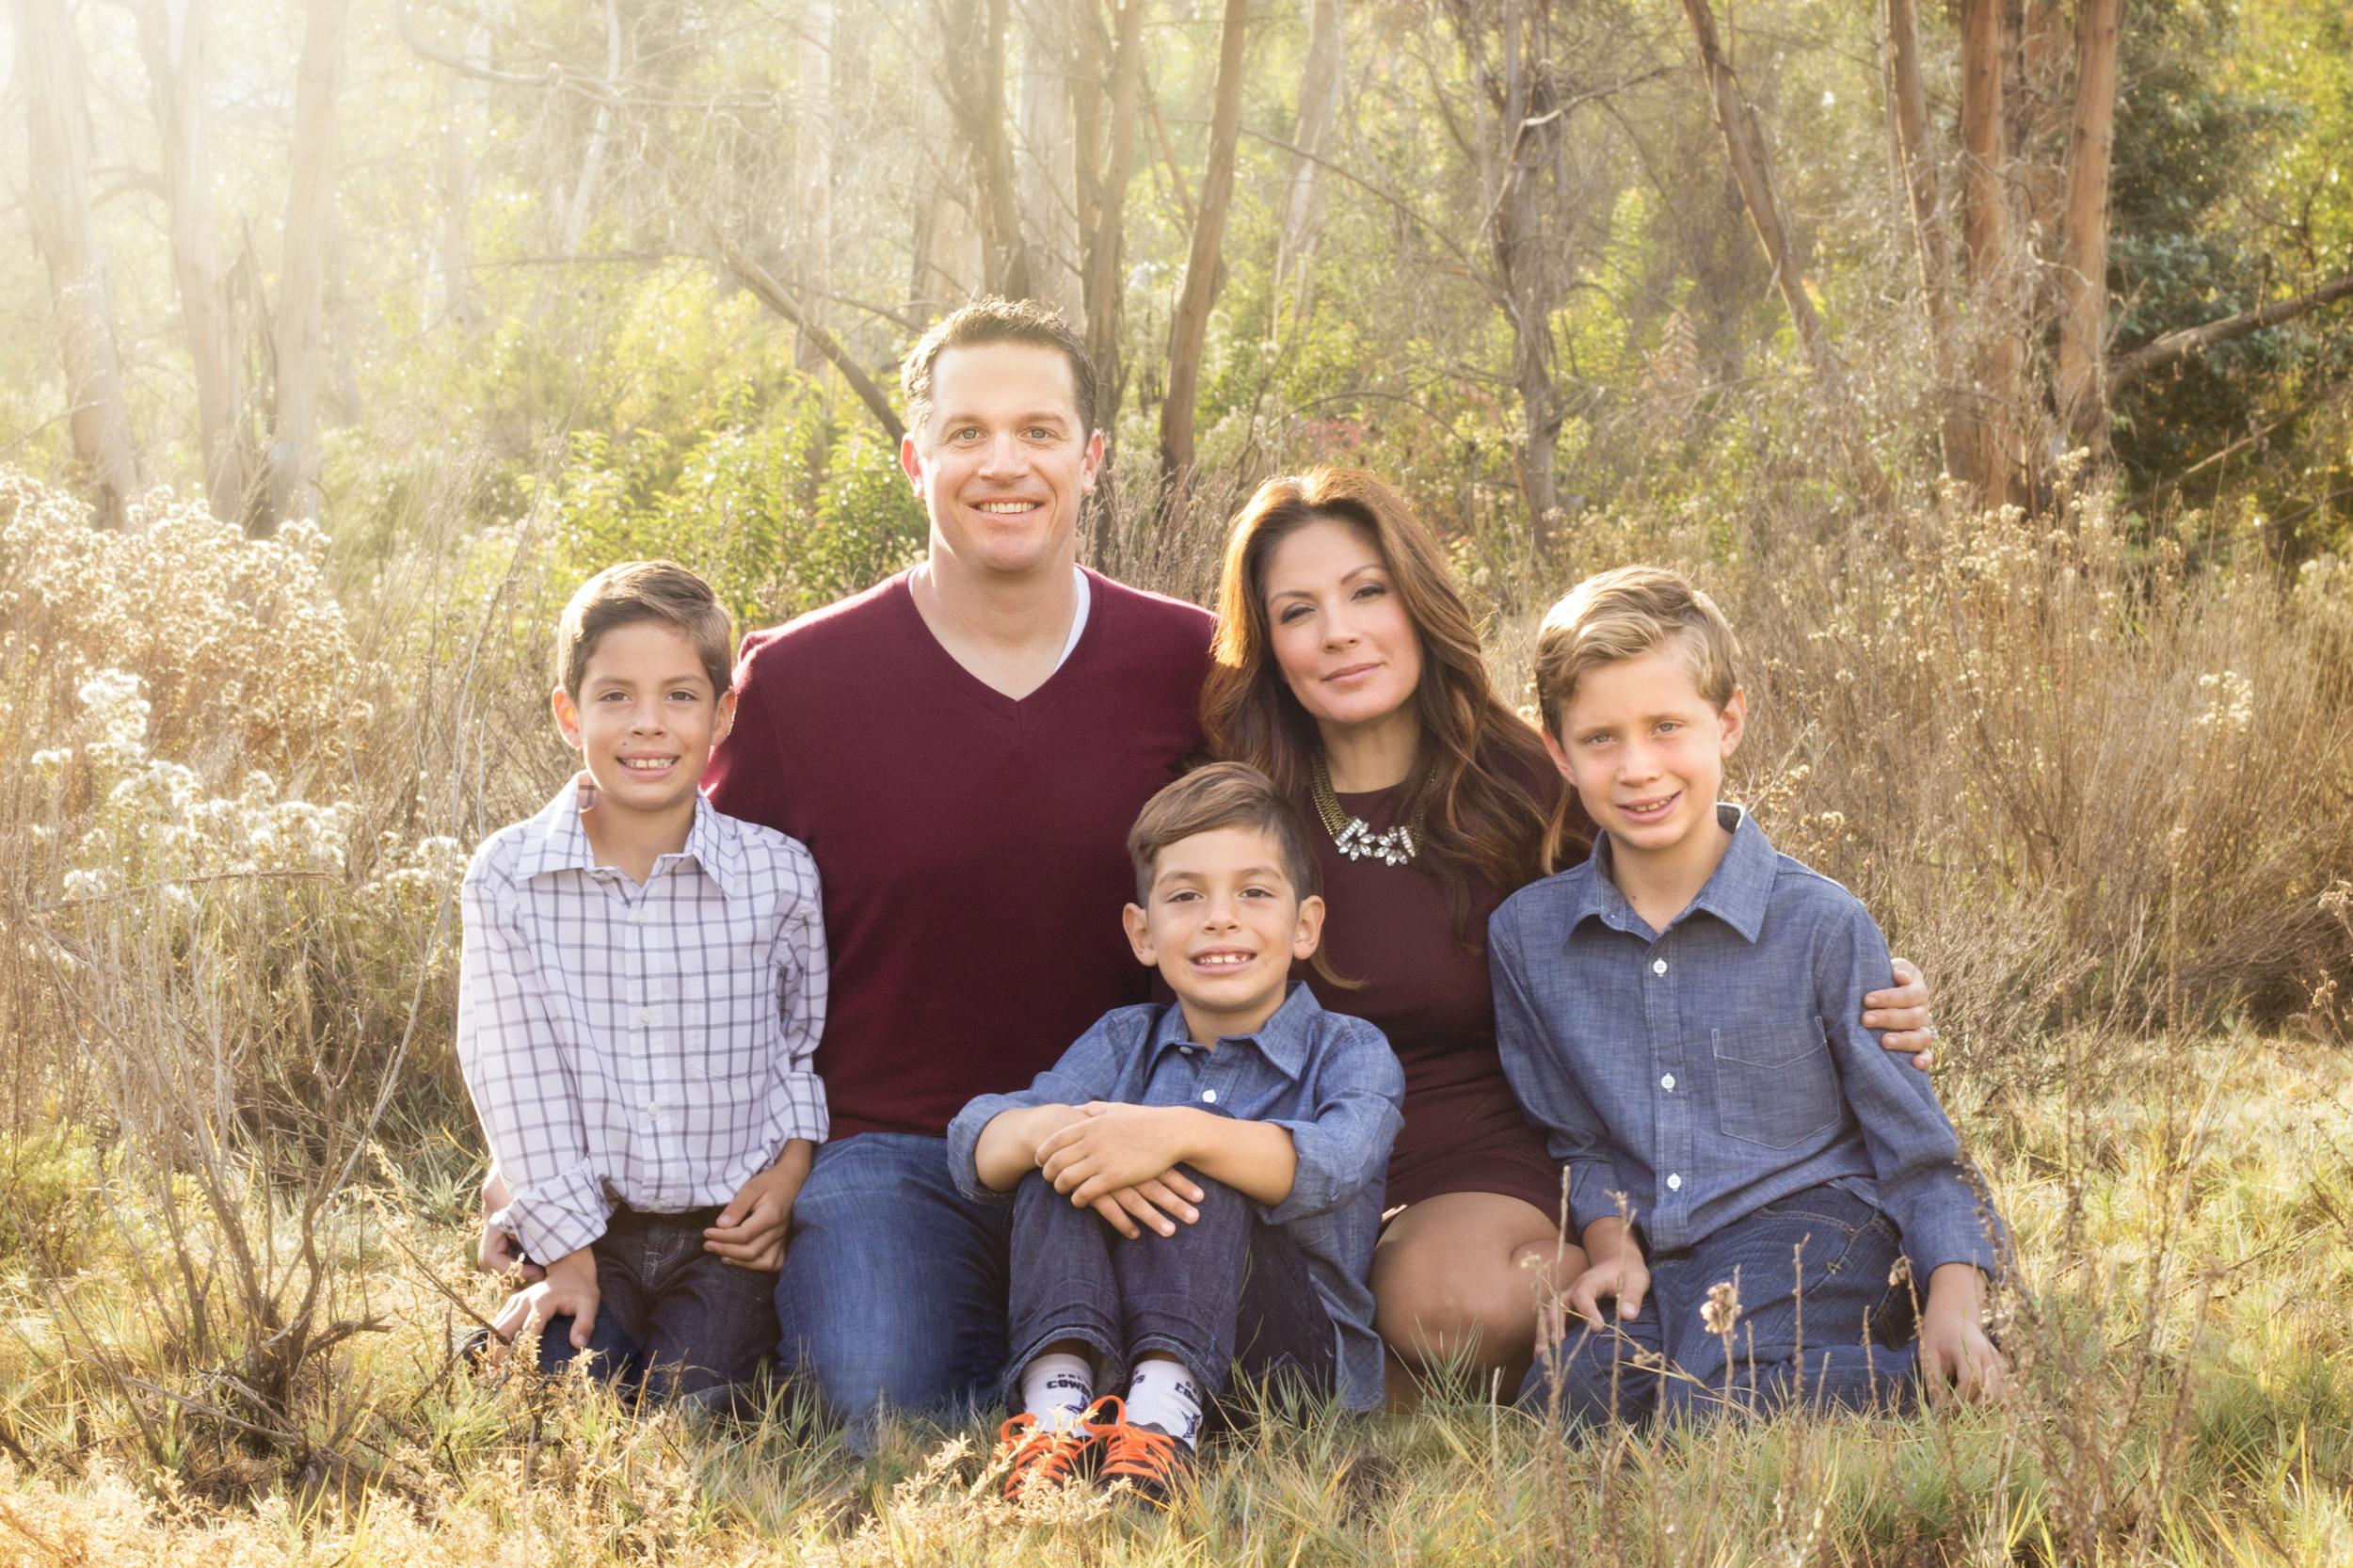 PAHLER FAMILY